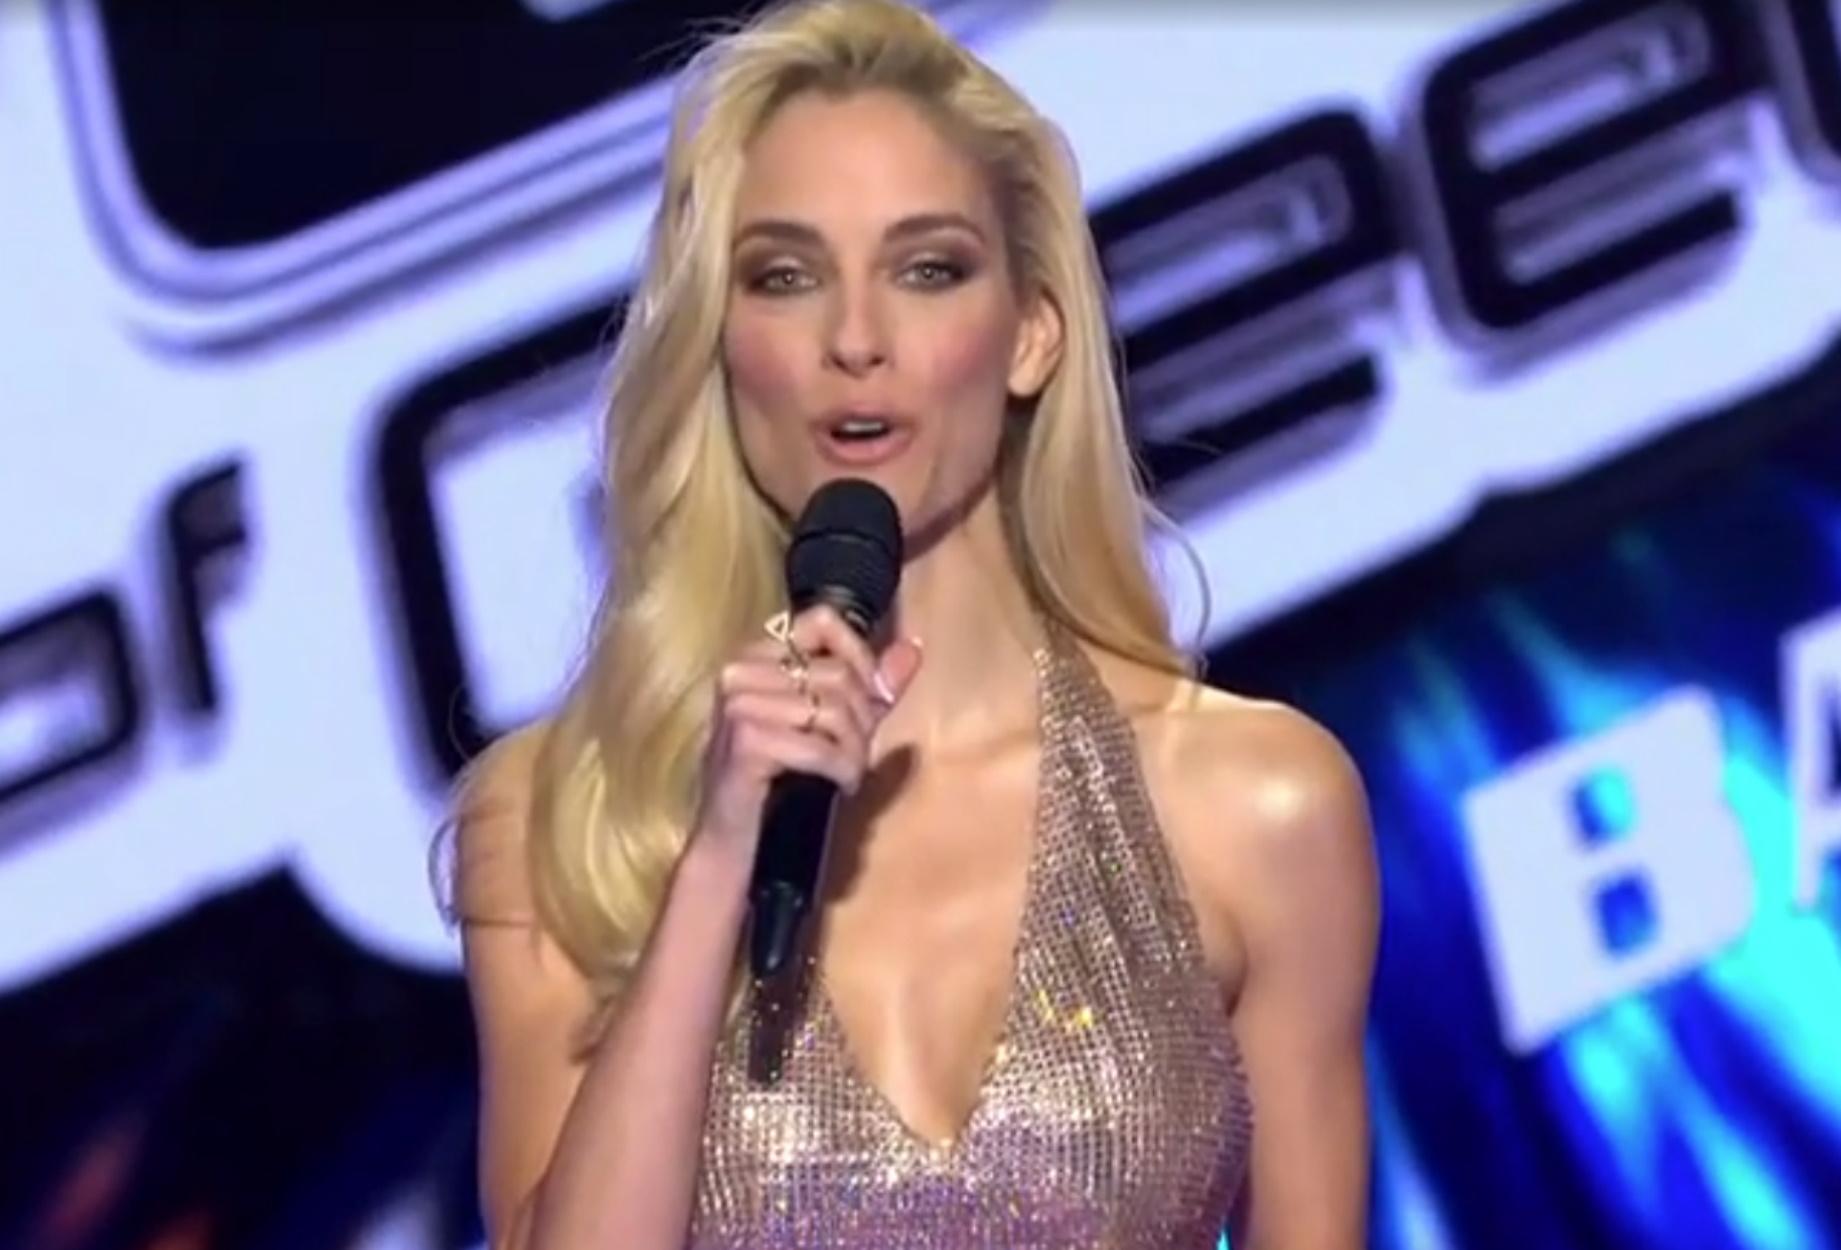 Δούκισσα Νομικού – The Voice: Εμφανίστηκε έτσι στη σκηνή και γοήτευσε – Τι είπε για τον Γιώργο Λιανό